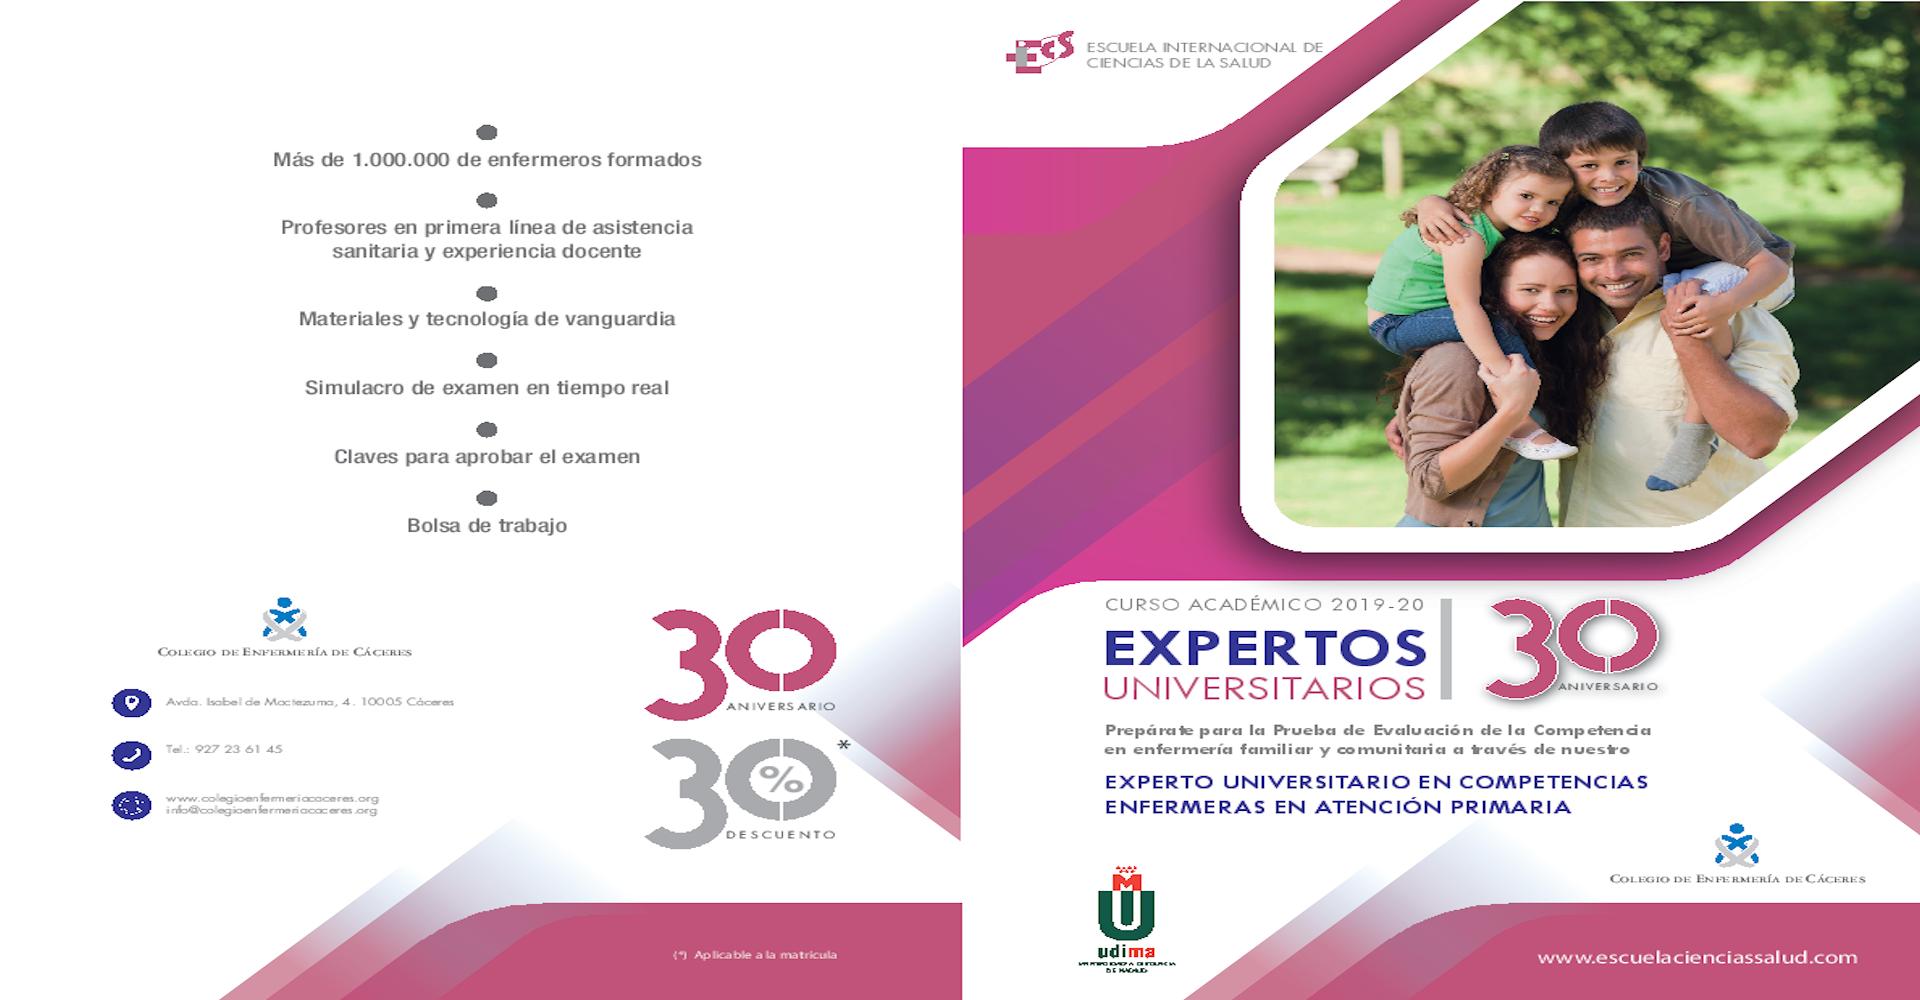 Curso para la prueba de Evaluación de la Competencia en Enfermería Familiar y Comunitaria